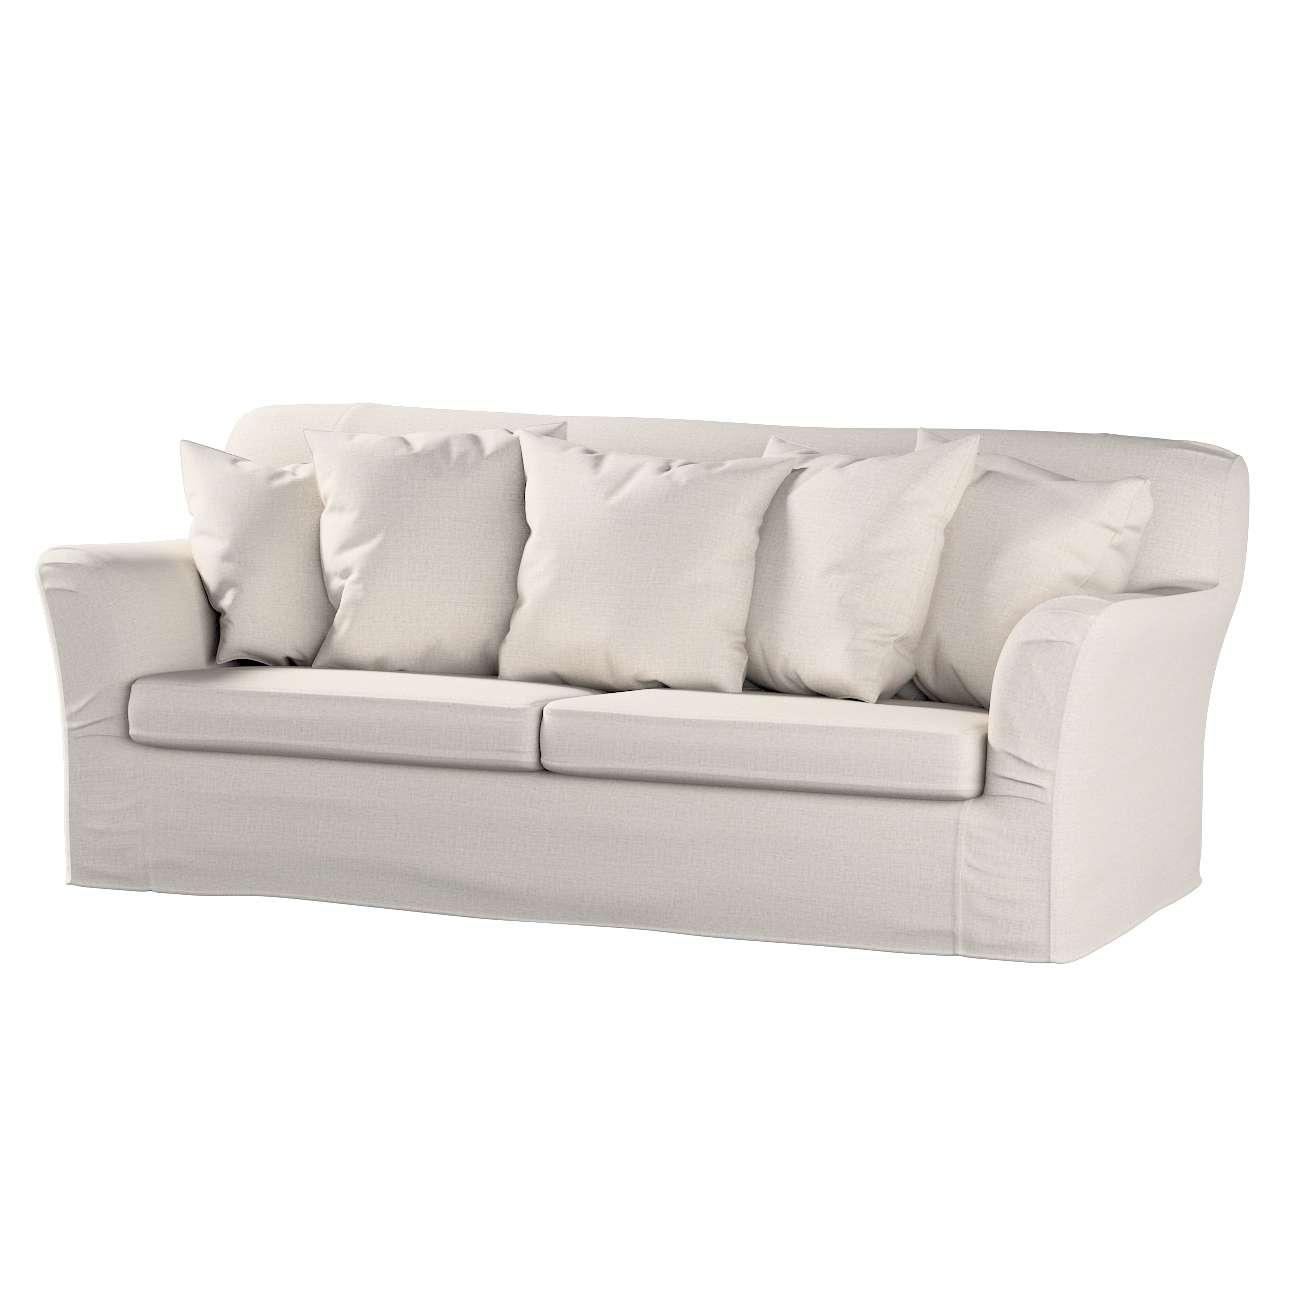 Pokrowiec na sofę Tomelilla 3-osobową rozkładaną w kolekcji Living II, tkanina: 161-00